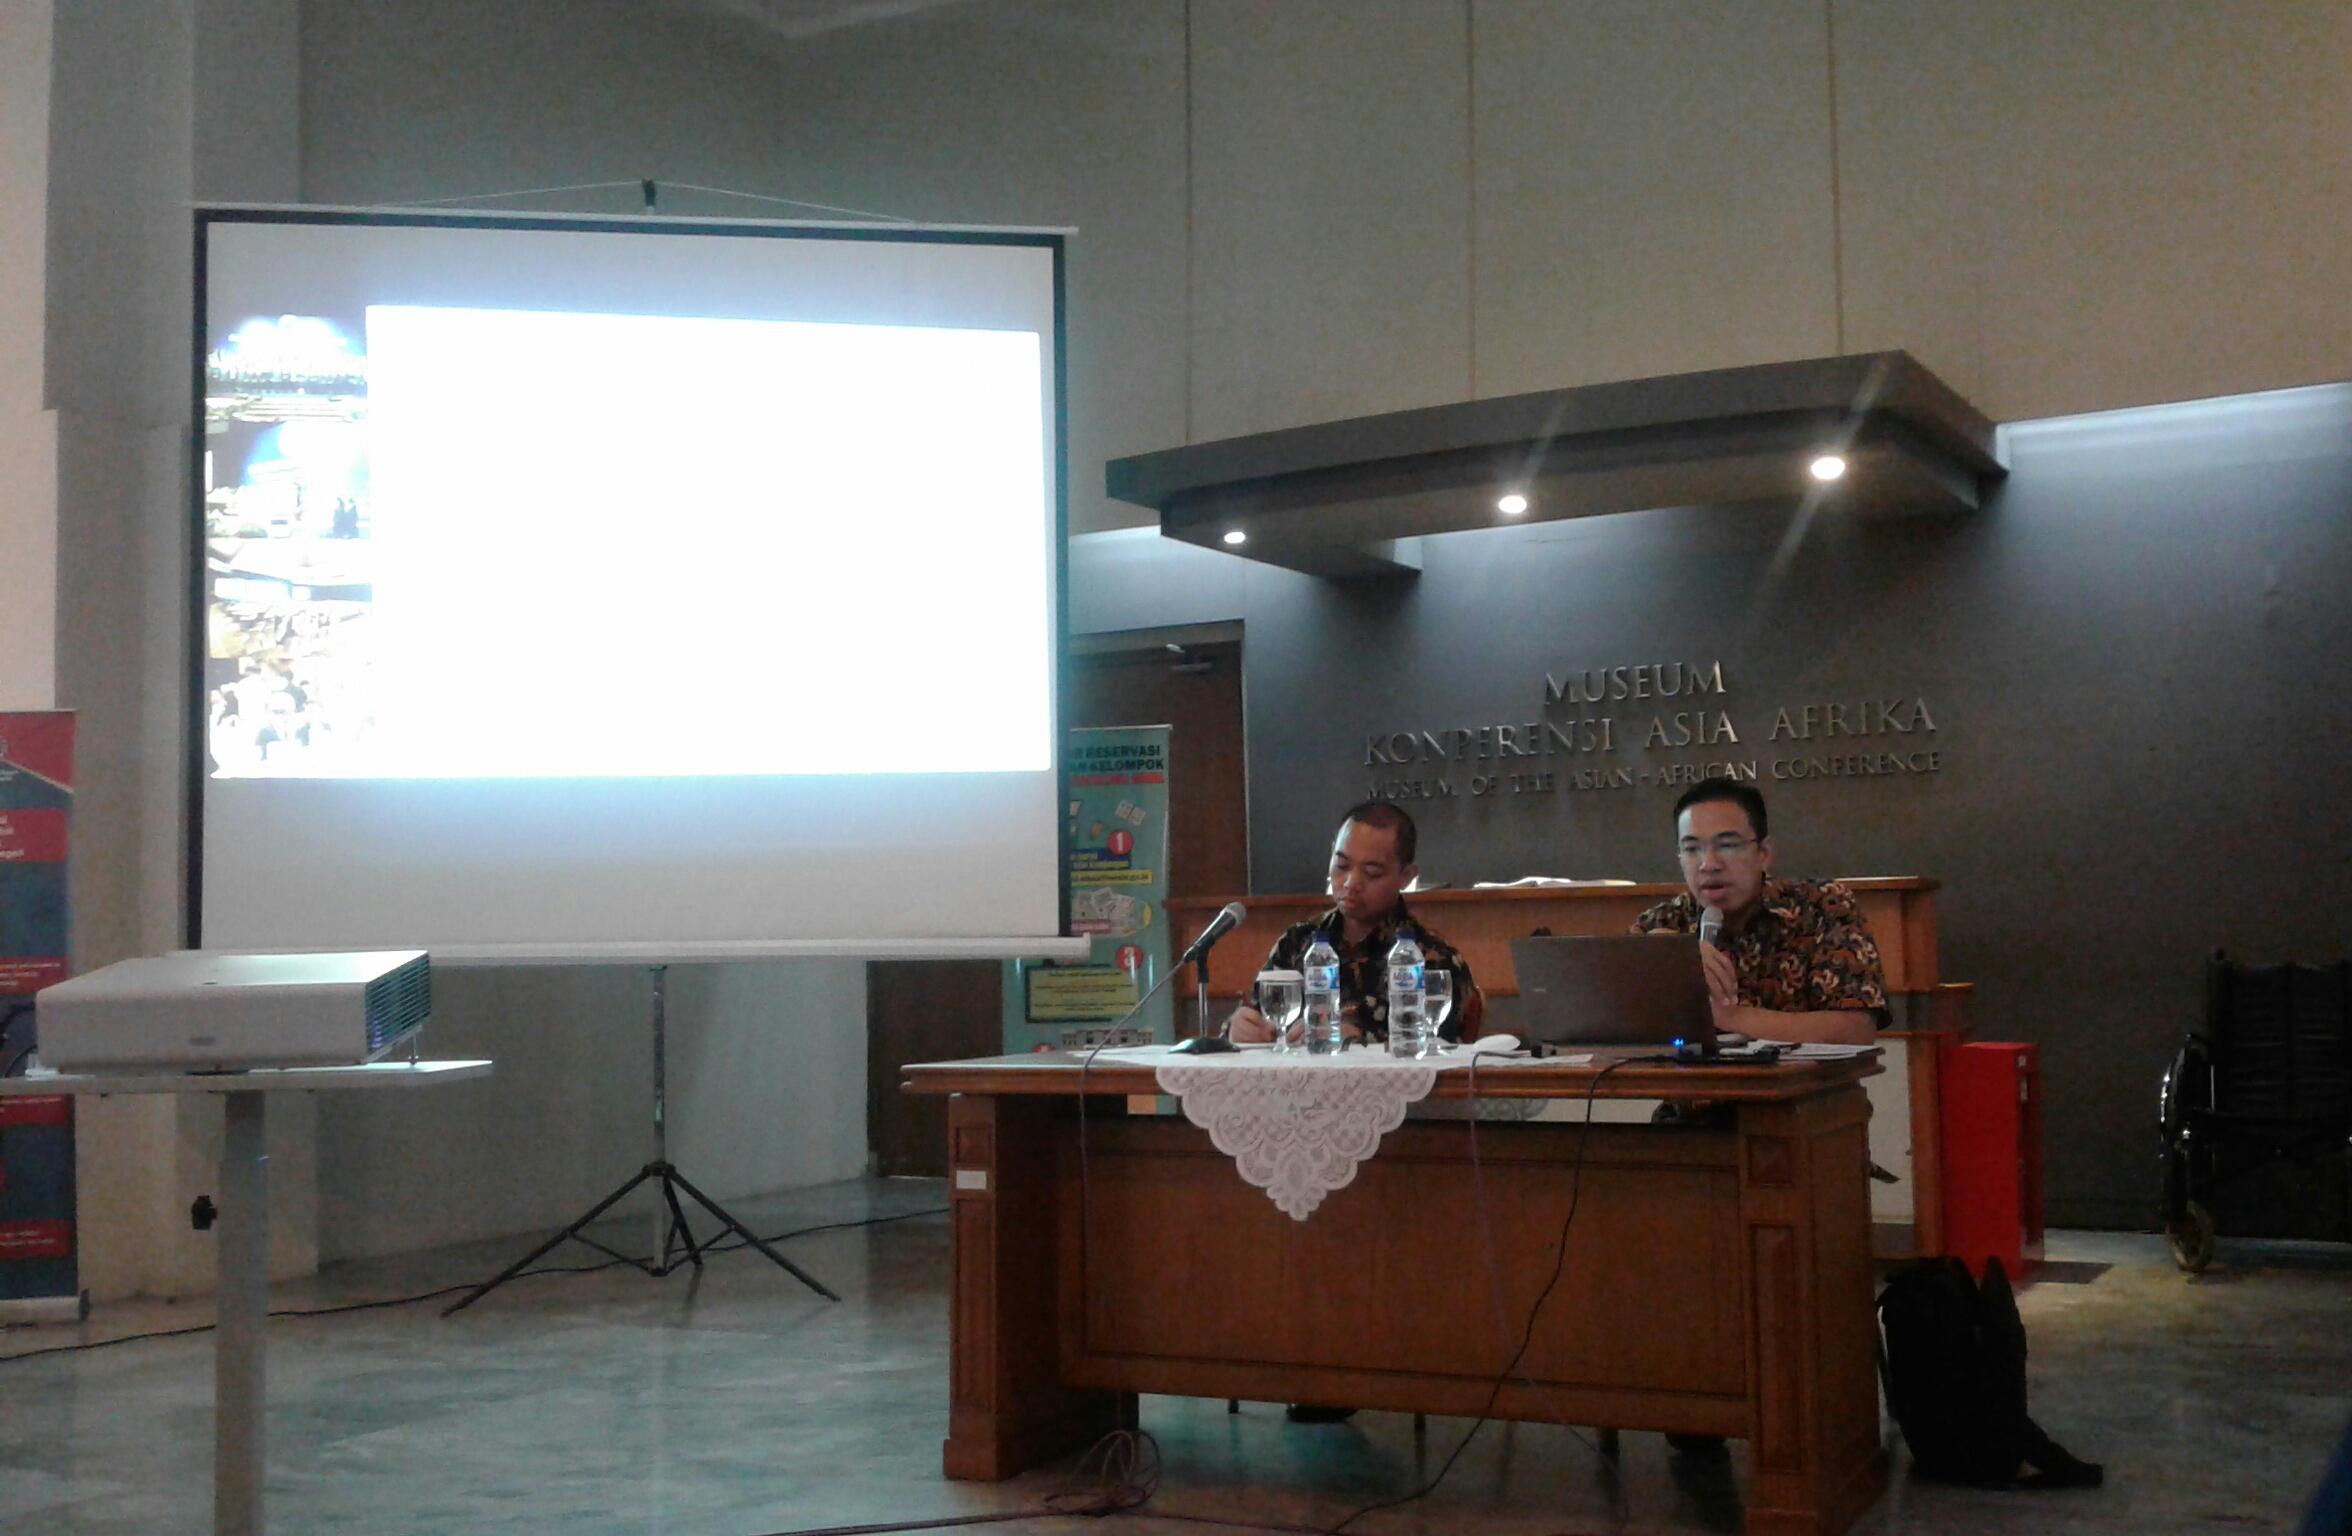 Kepala Museum Konferensi Asia Afrika Meinarti Fauzie (kanan), tengah memaparkan materi dalam diskusi Bali Democracy Forum. Kegiatan ini berlangsung di ruang utama Museum KAA, Jumat (03/10/2017). (Syfa Qulbi/Jurnalposmedia)